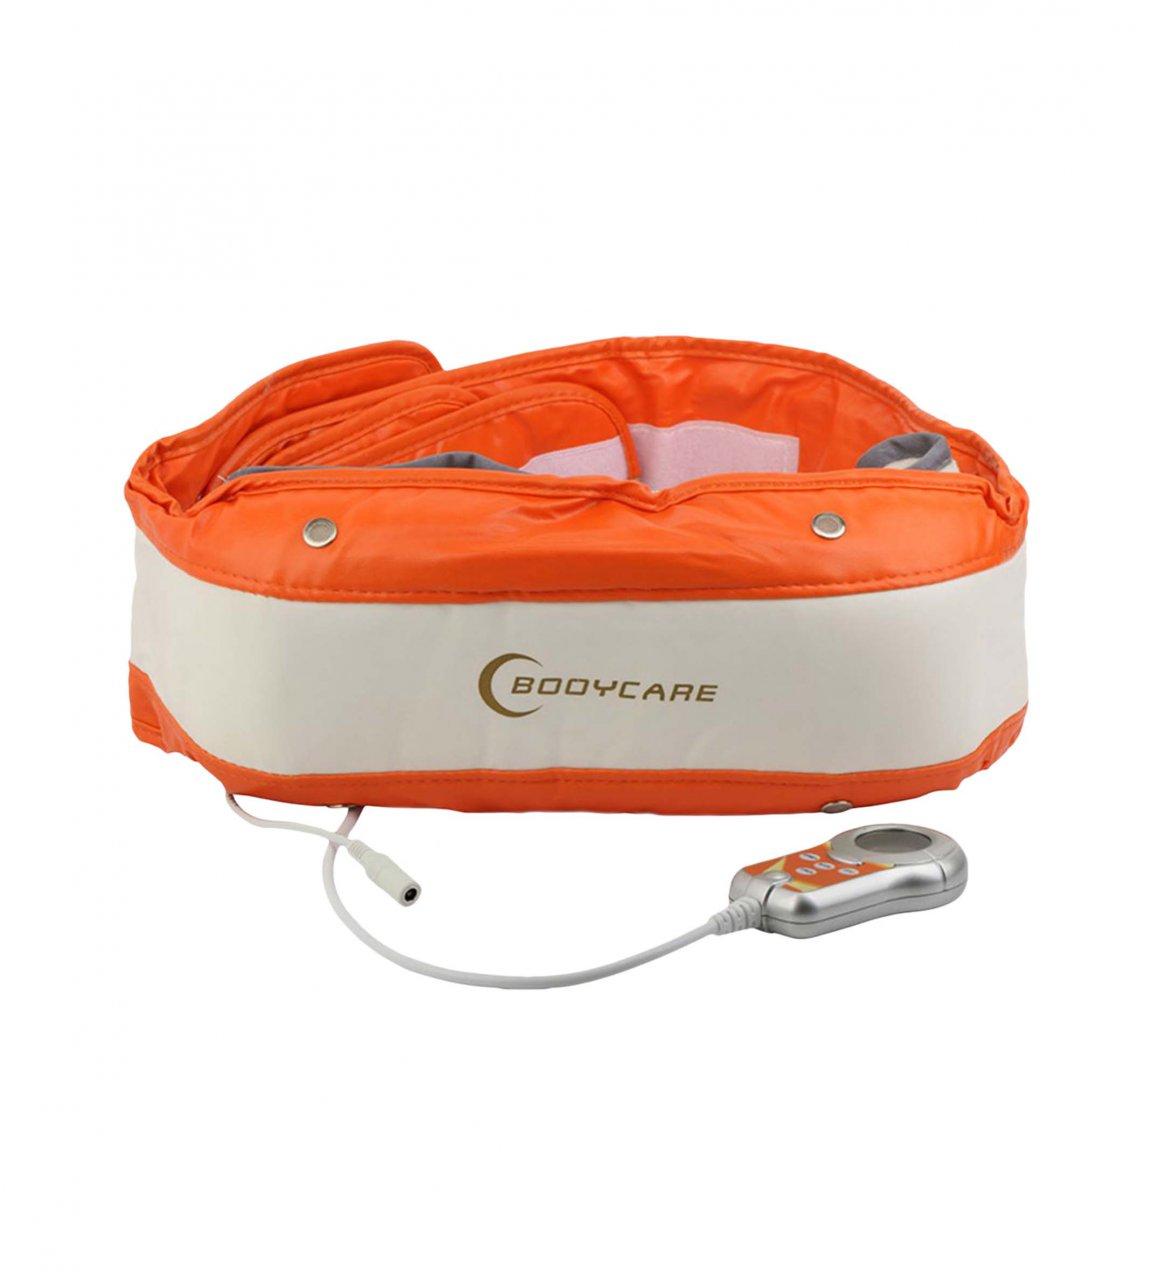 کمربند لاغری booycare مدل BC-800C